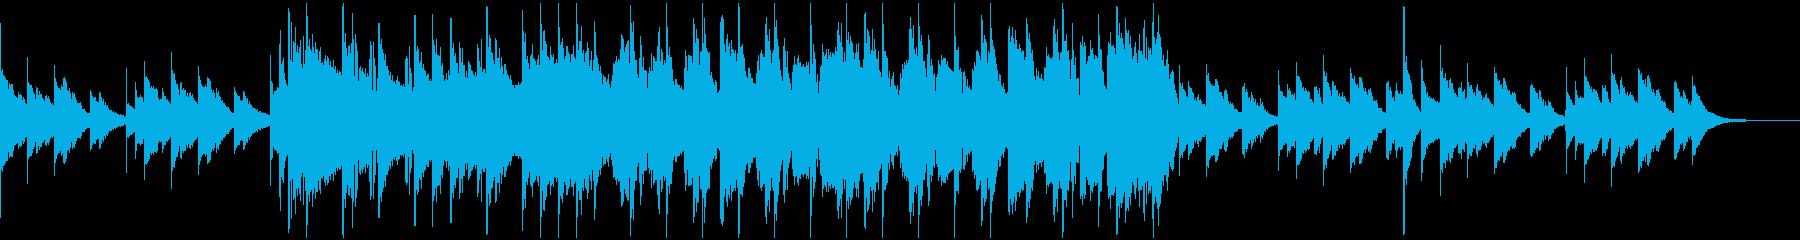 可愛らしいポップス、30秒ジングルの再生済みの波形